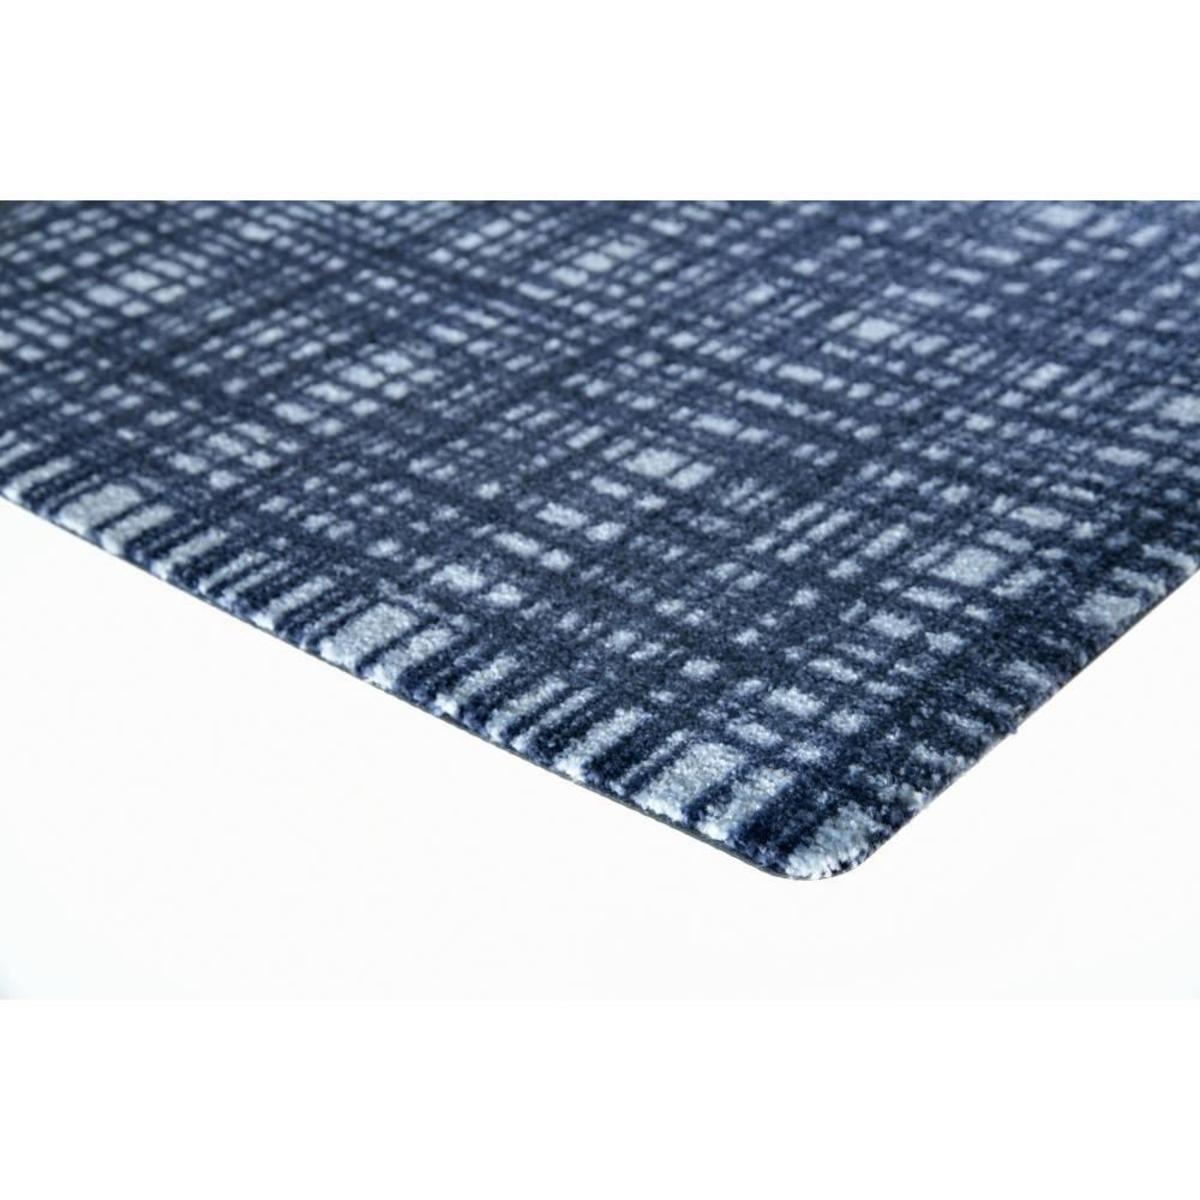 Bild 3 von acerto® BELIZE2 Badteppich – waschbarer Badvorleger 40x70 cm